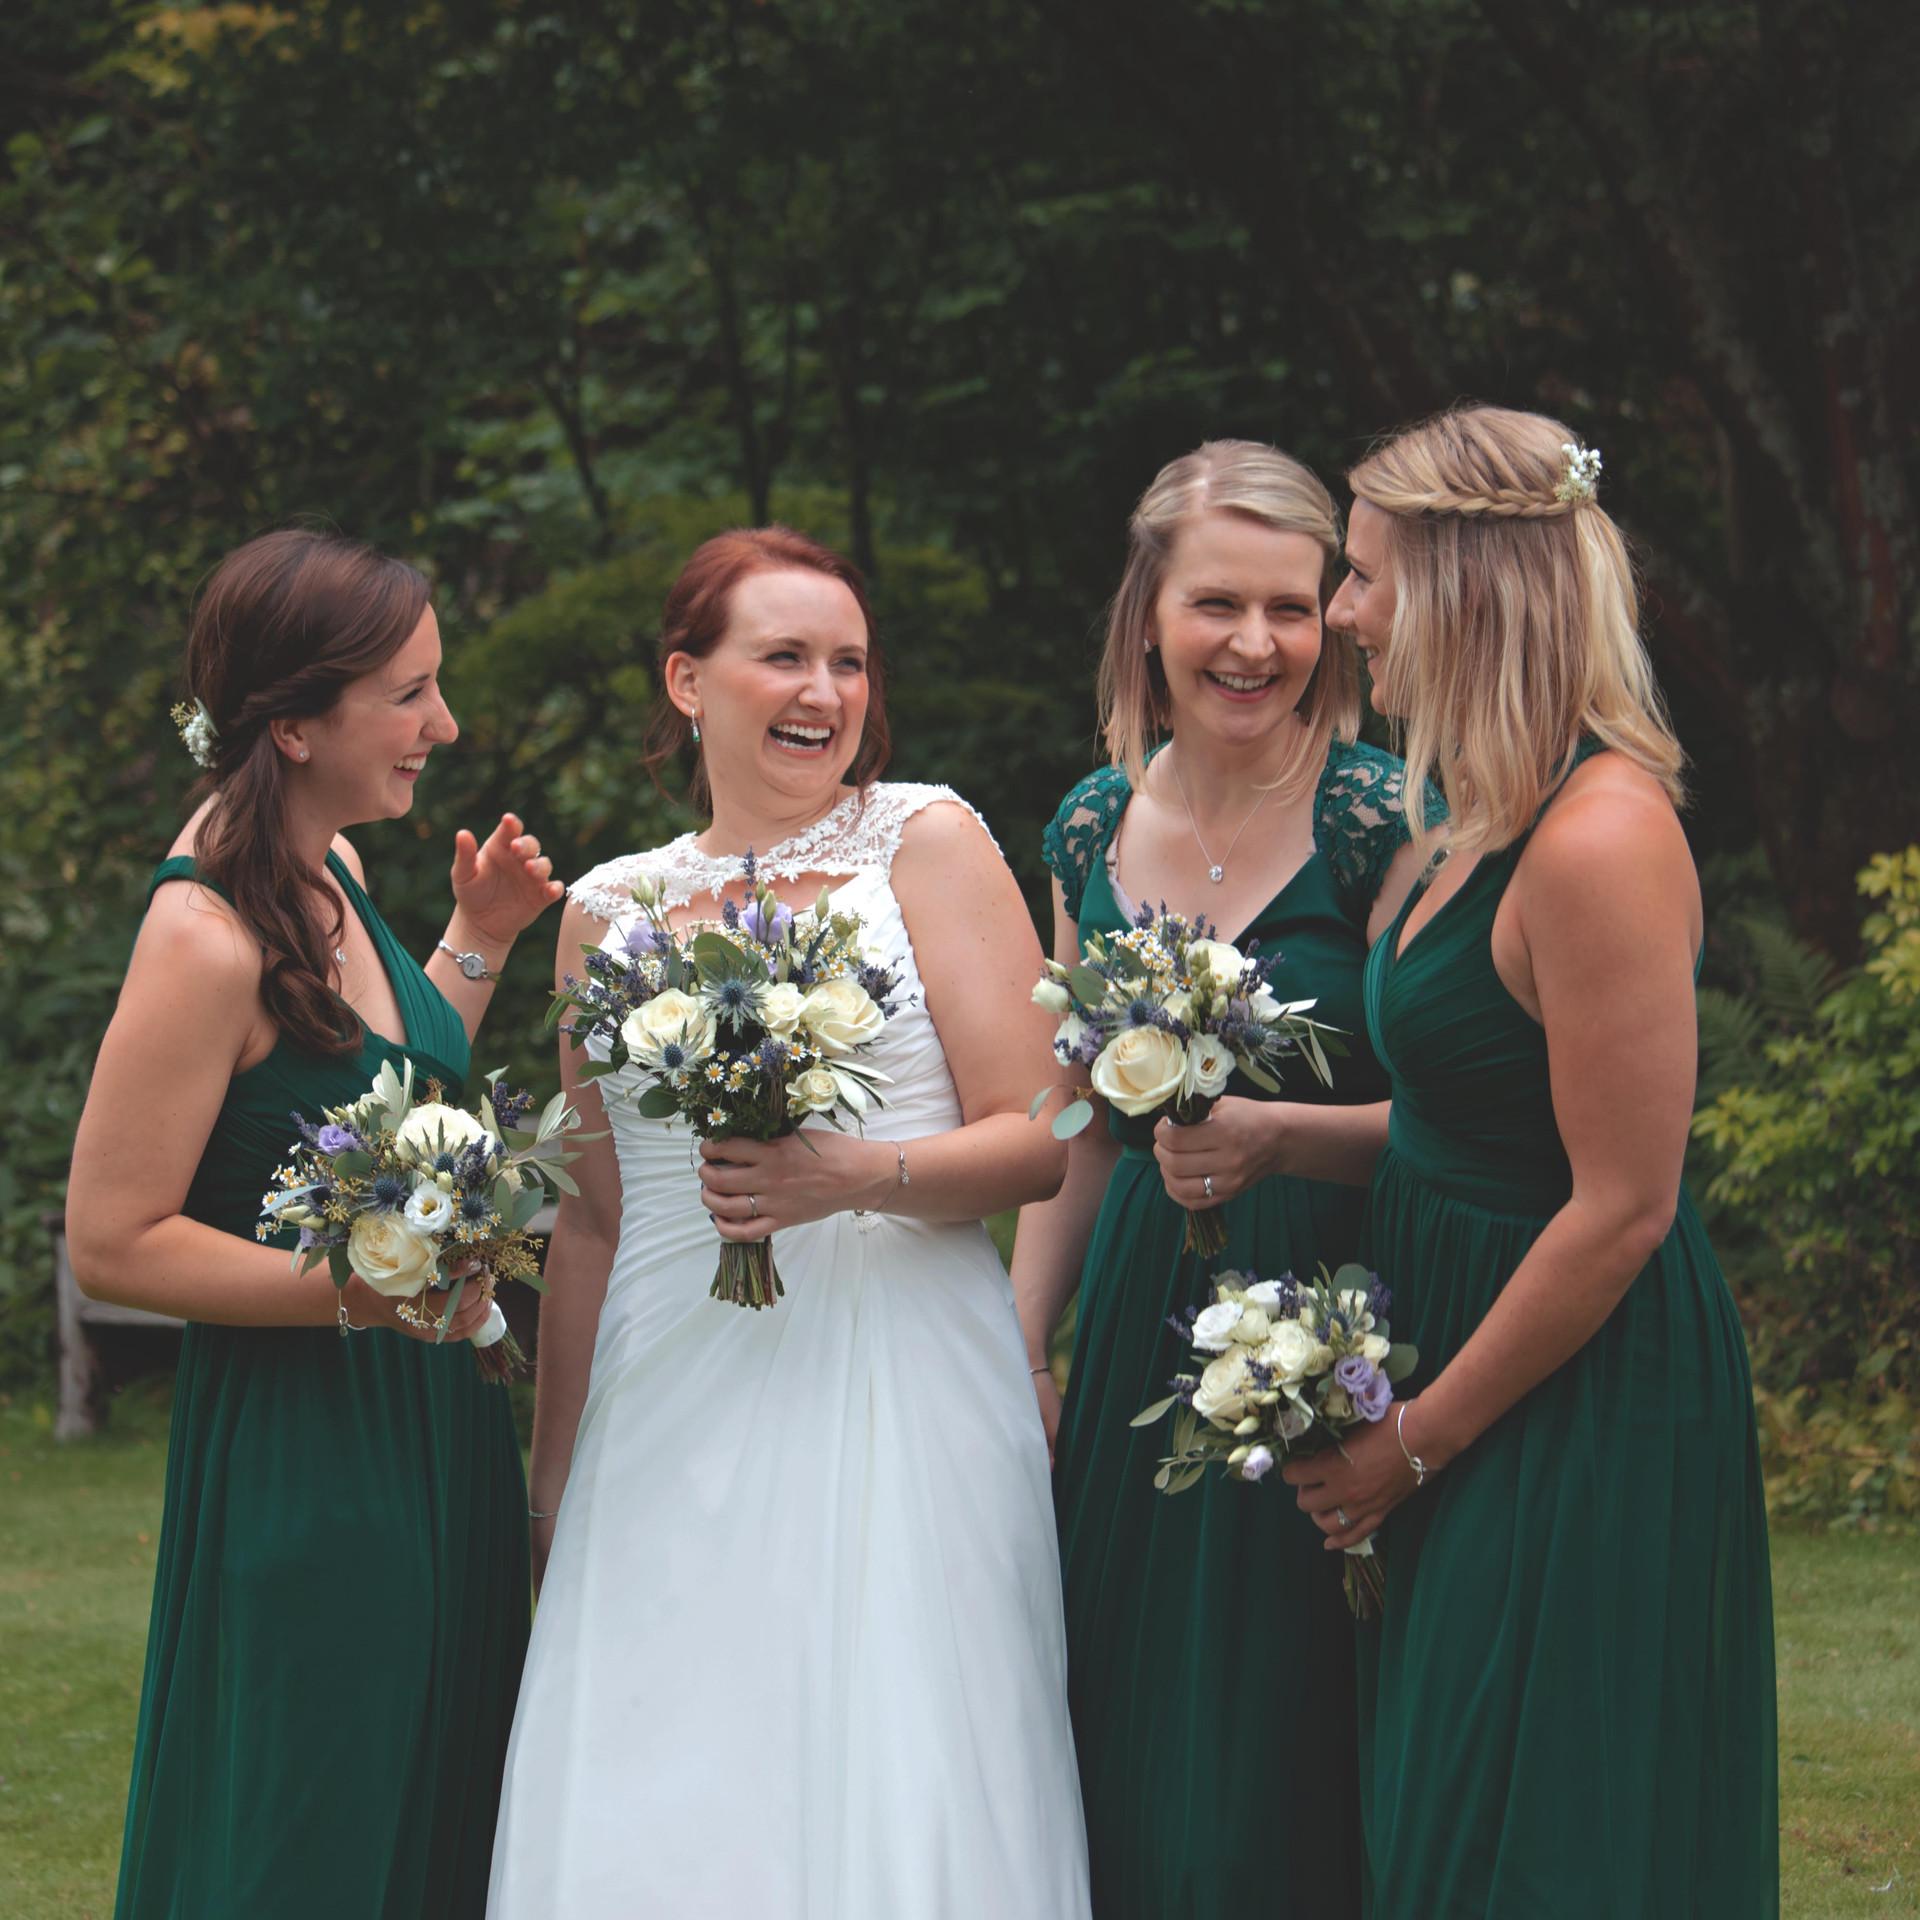 Outdoor Surrey Wedding Bride & Bridesmai